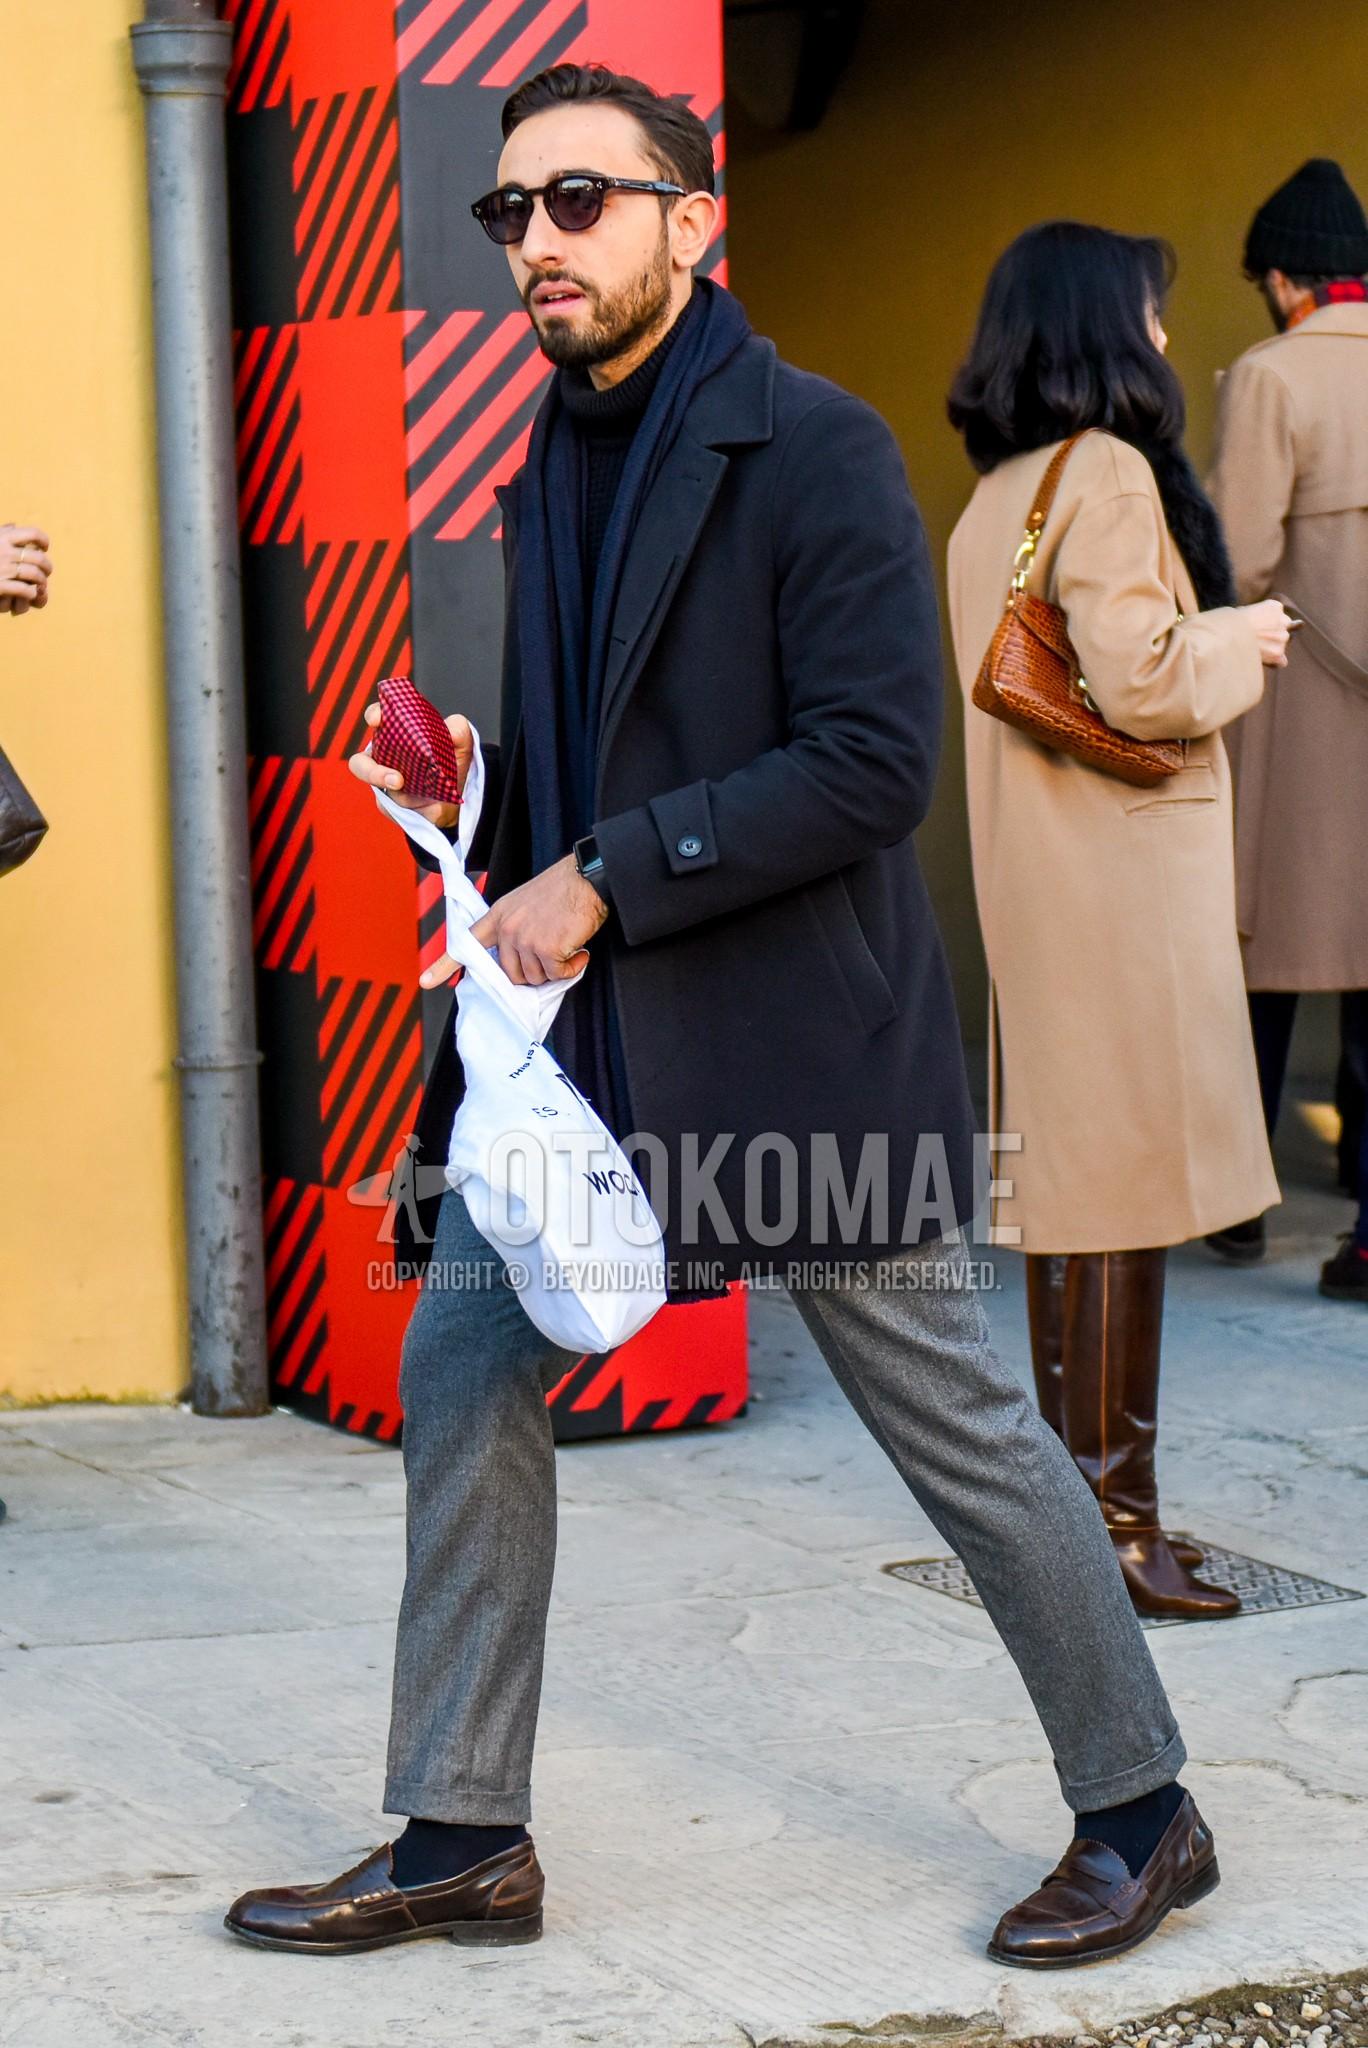 ボストンの黒無地のサングラス、ネイビー無地のマフラー/ストール、ネイビー無地のステンカラーコート、黒無地のタートルネックニット、グレー無地のスラックス、ネイビー無地のソックス、ブラウンコインローファーの革靴を合わせた秋冬のメンズコーデ・着こなし。